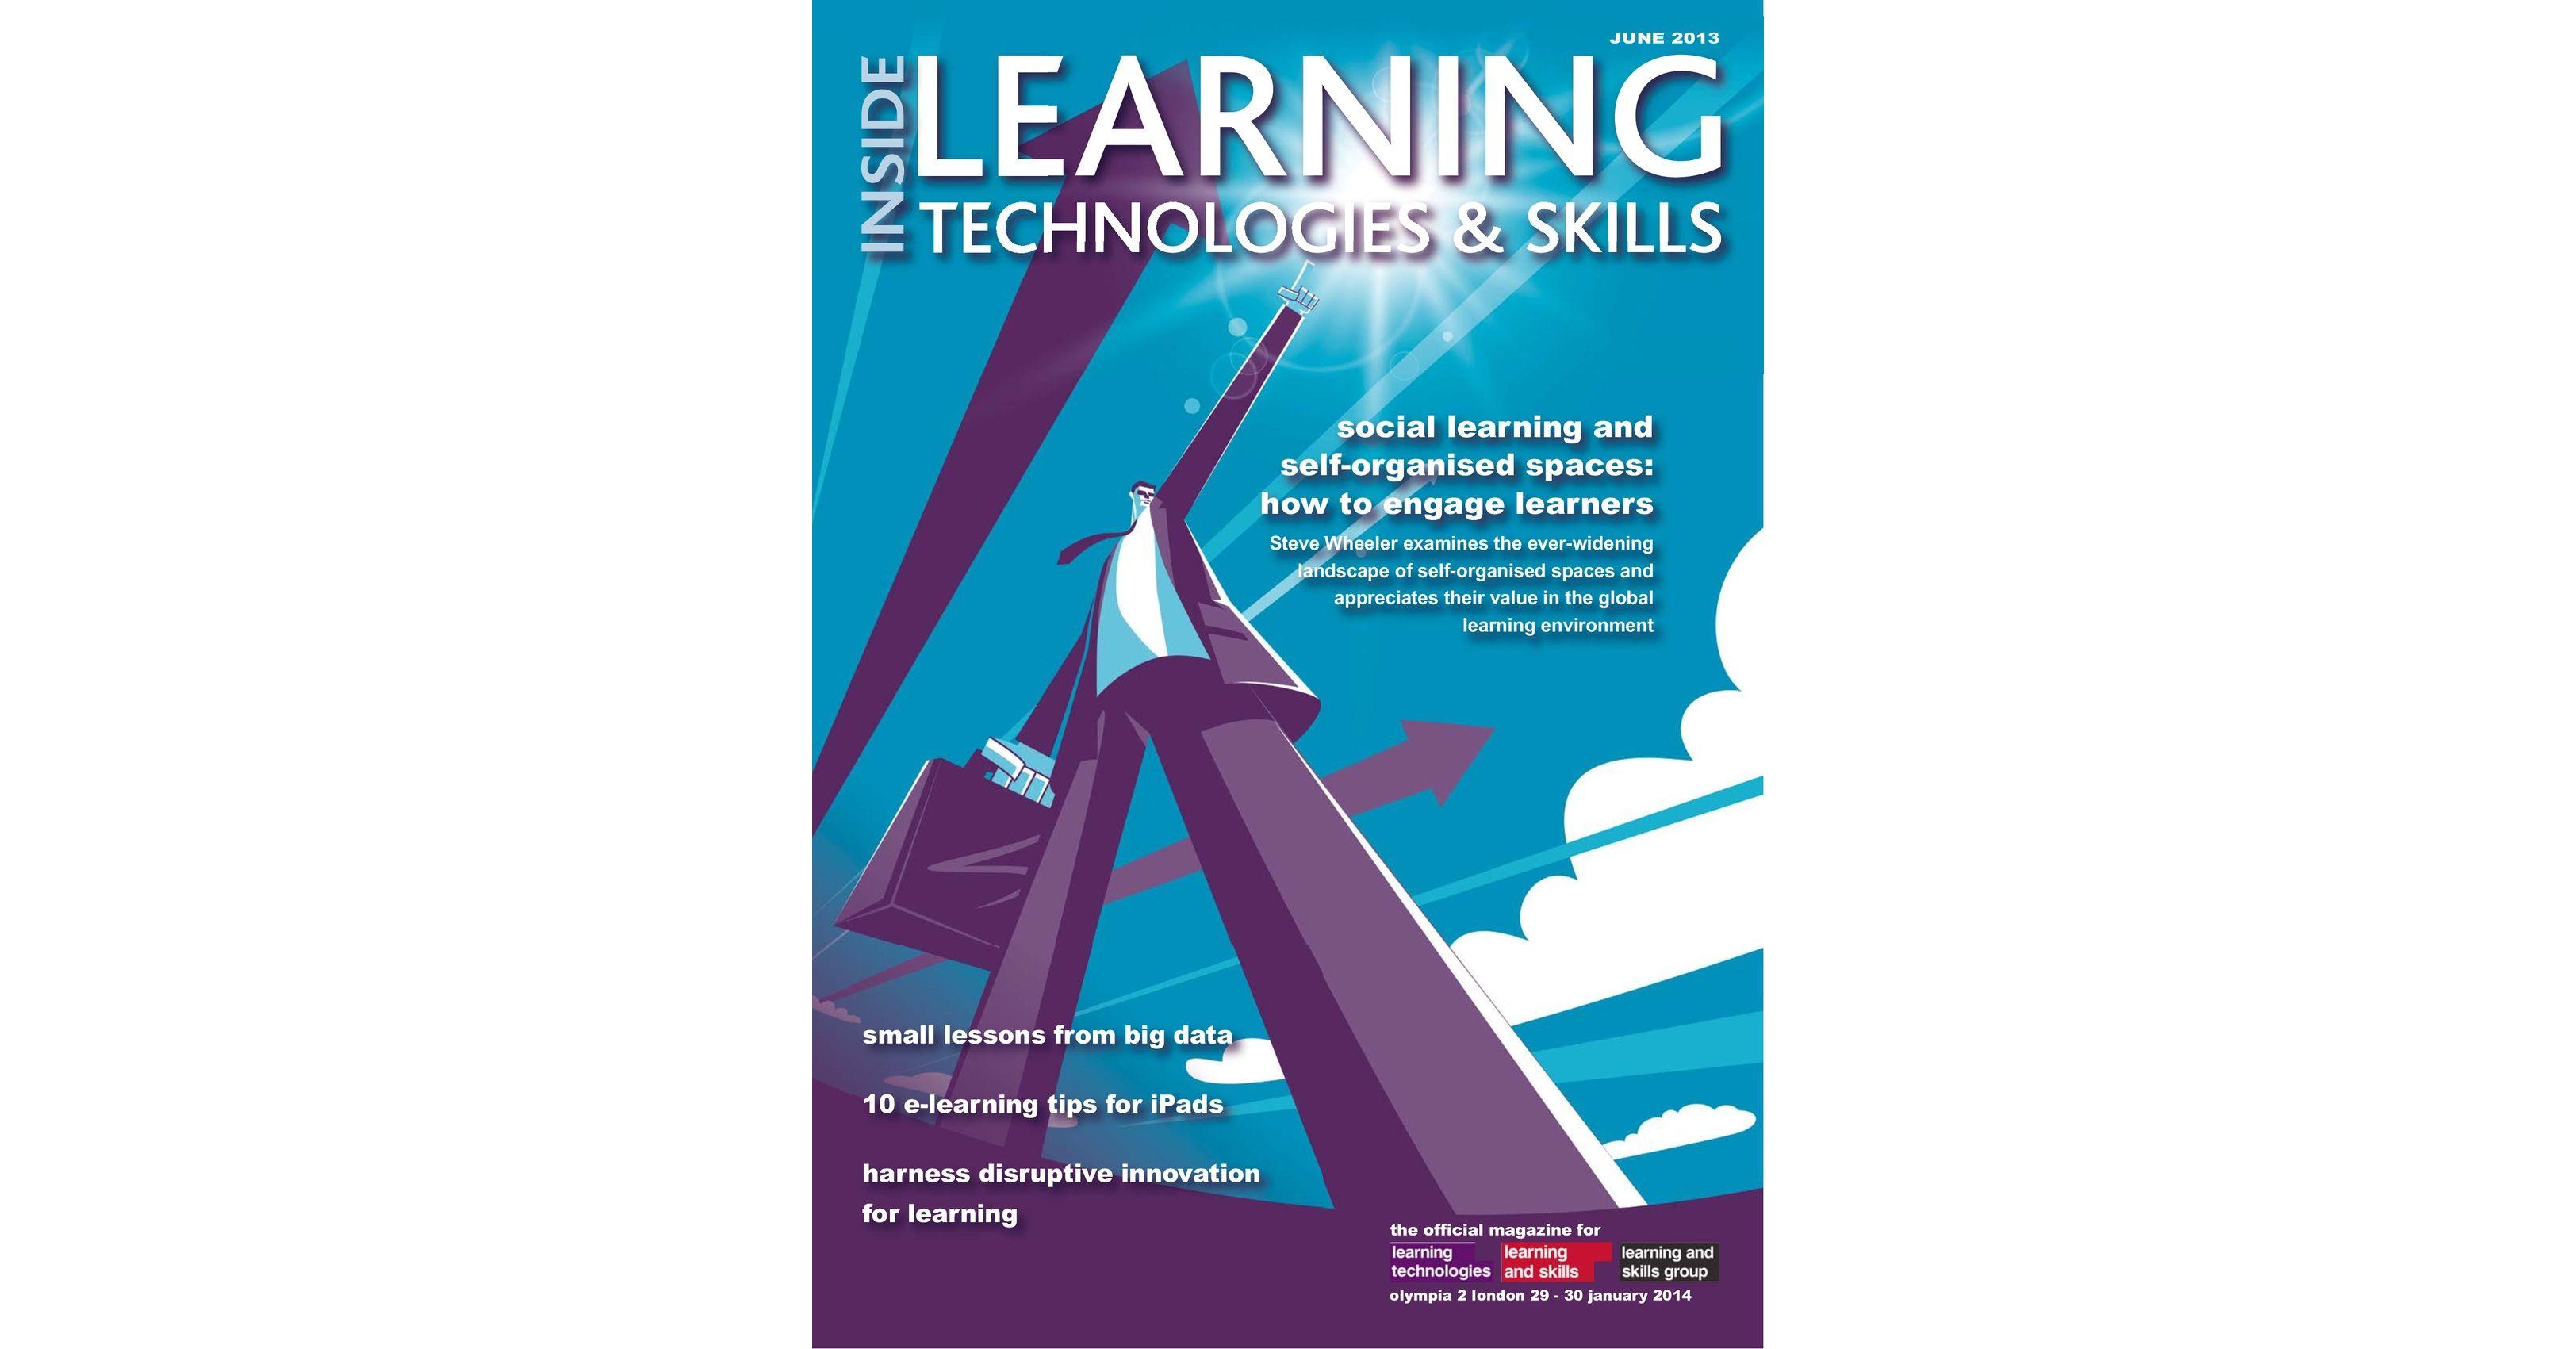 ILT - June 2013 issue